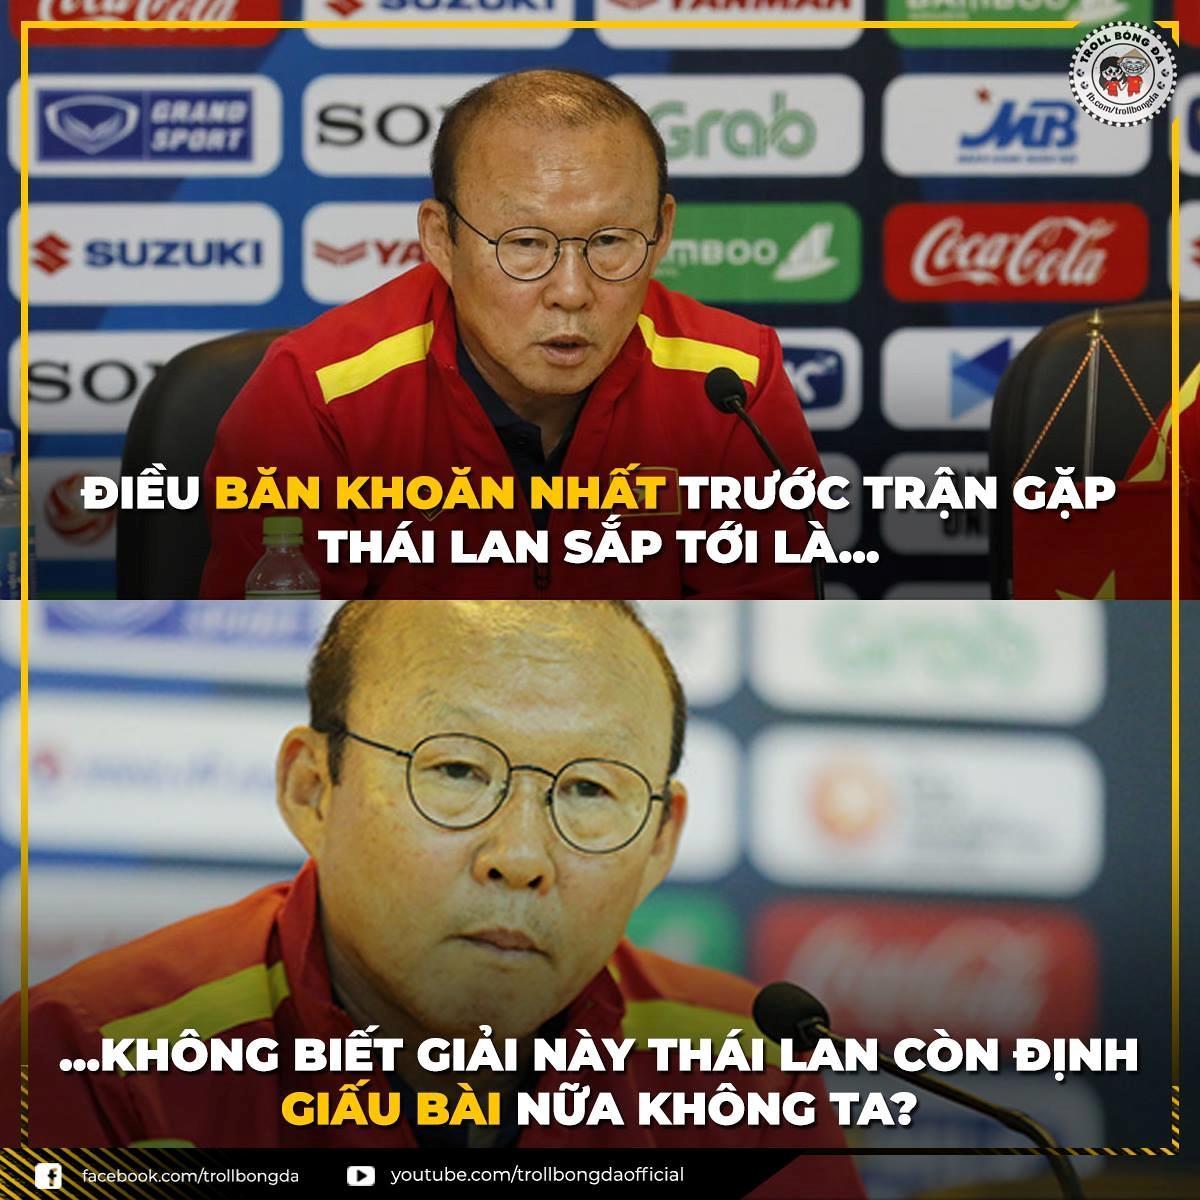 Biếm họa 24h: CĐV Indonesia kỳ vọng U23 Thái Lan, Hà Lan nhận kết đắng Ảnh 4